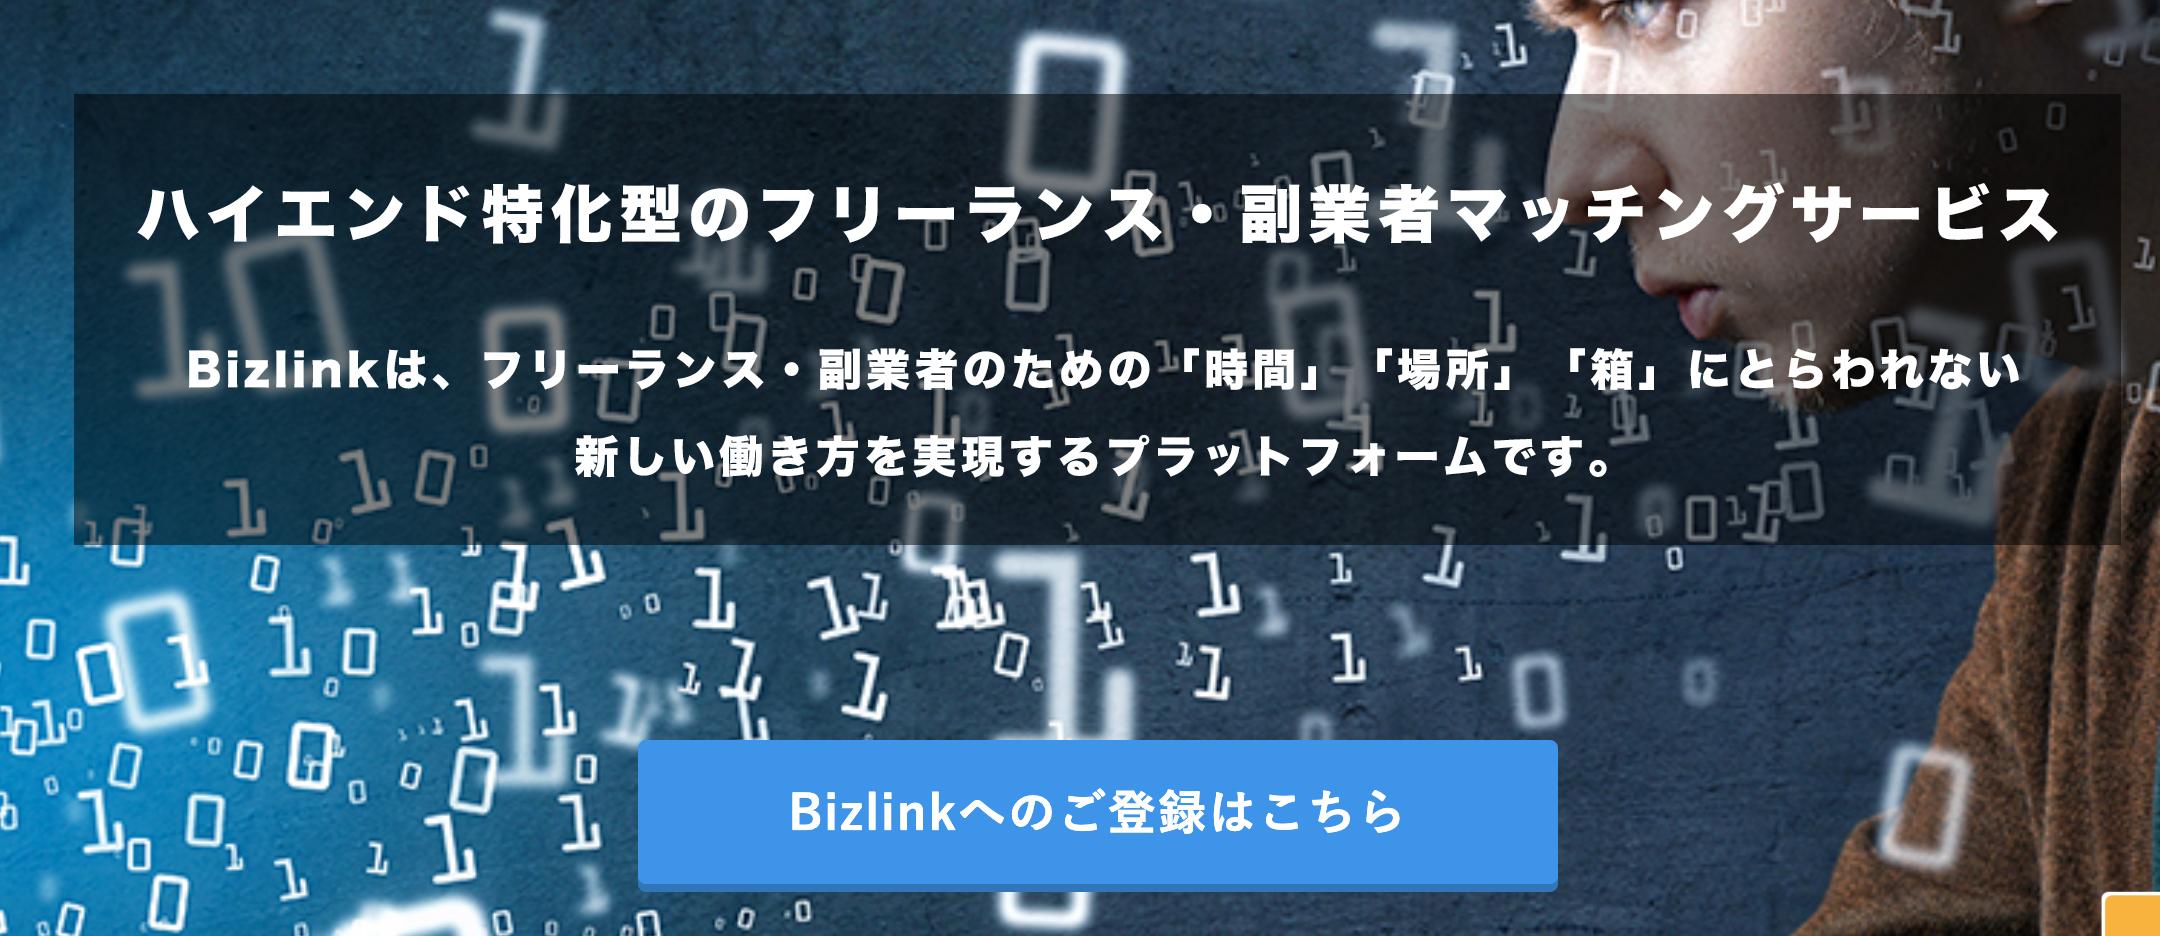 スクリーンショット 2020-07-30 16.08.20